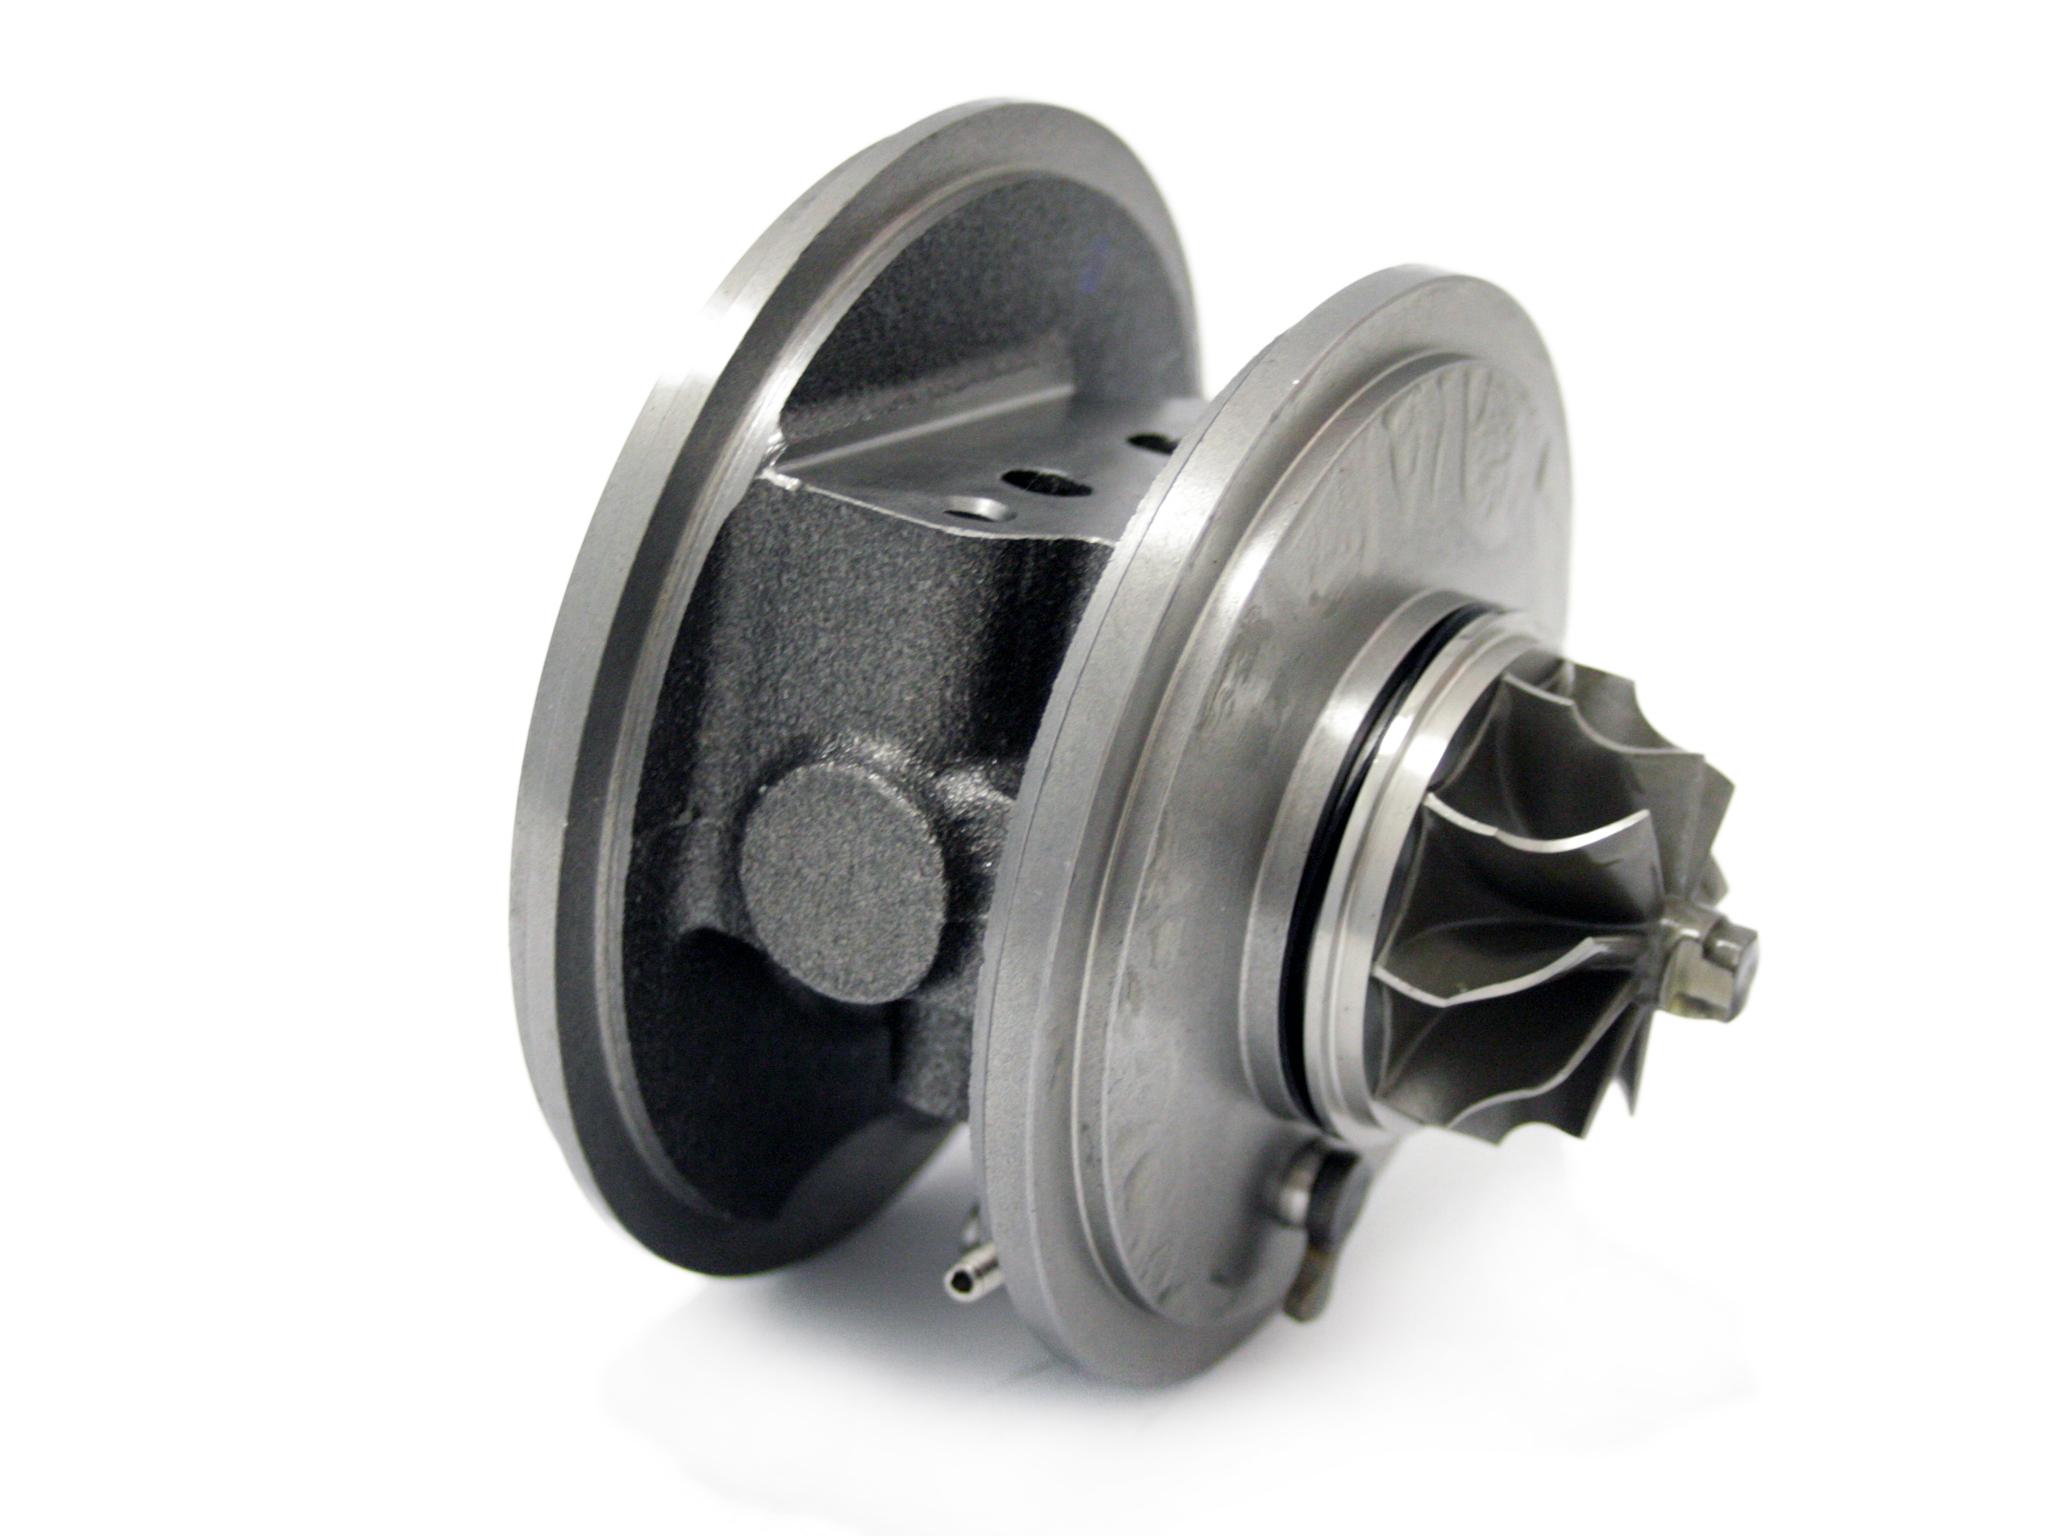 Картридж турбины RHV4 Форд Ренджер 3.0 WLAA 156 л.с.